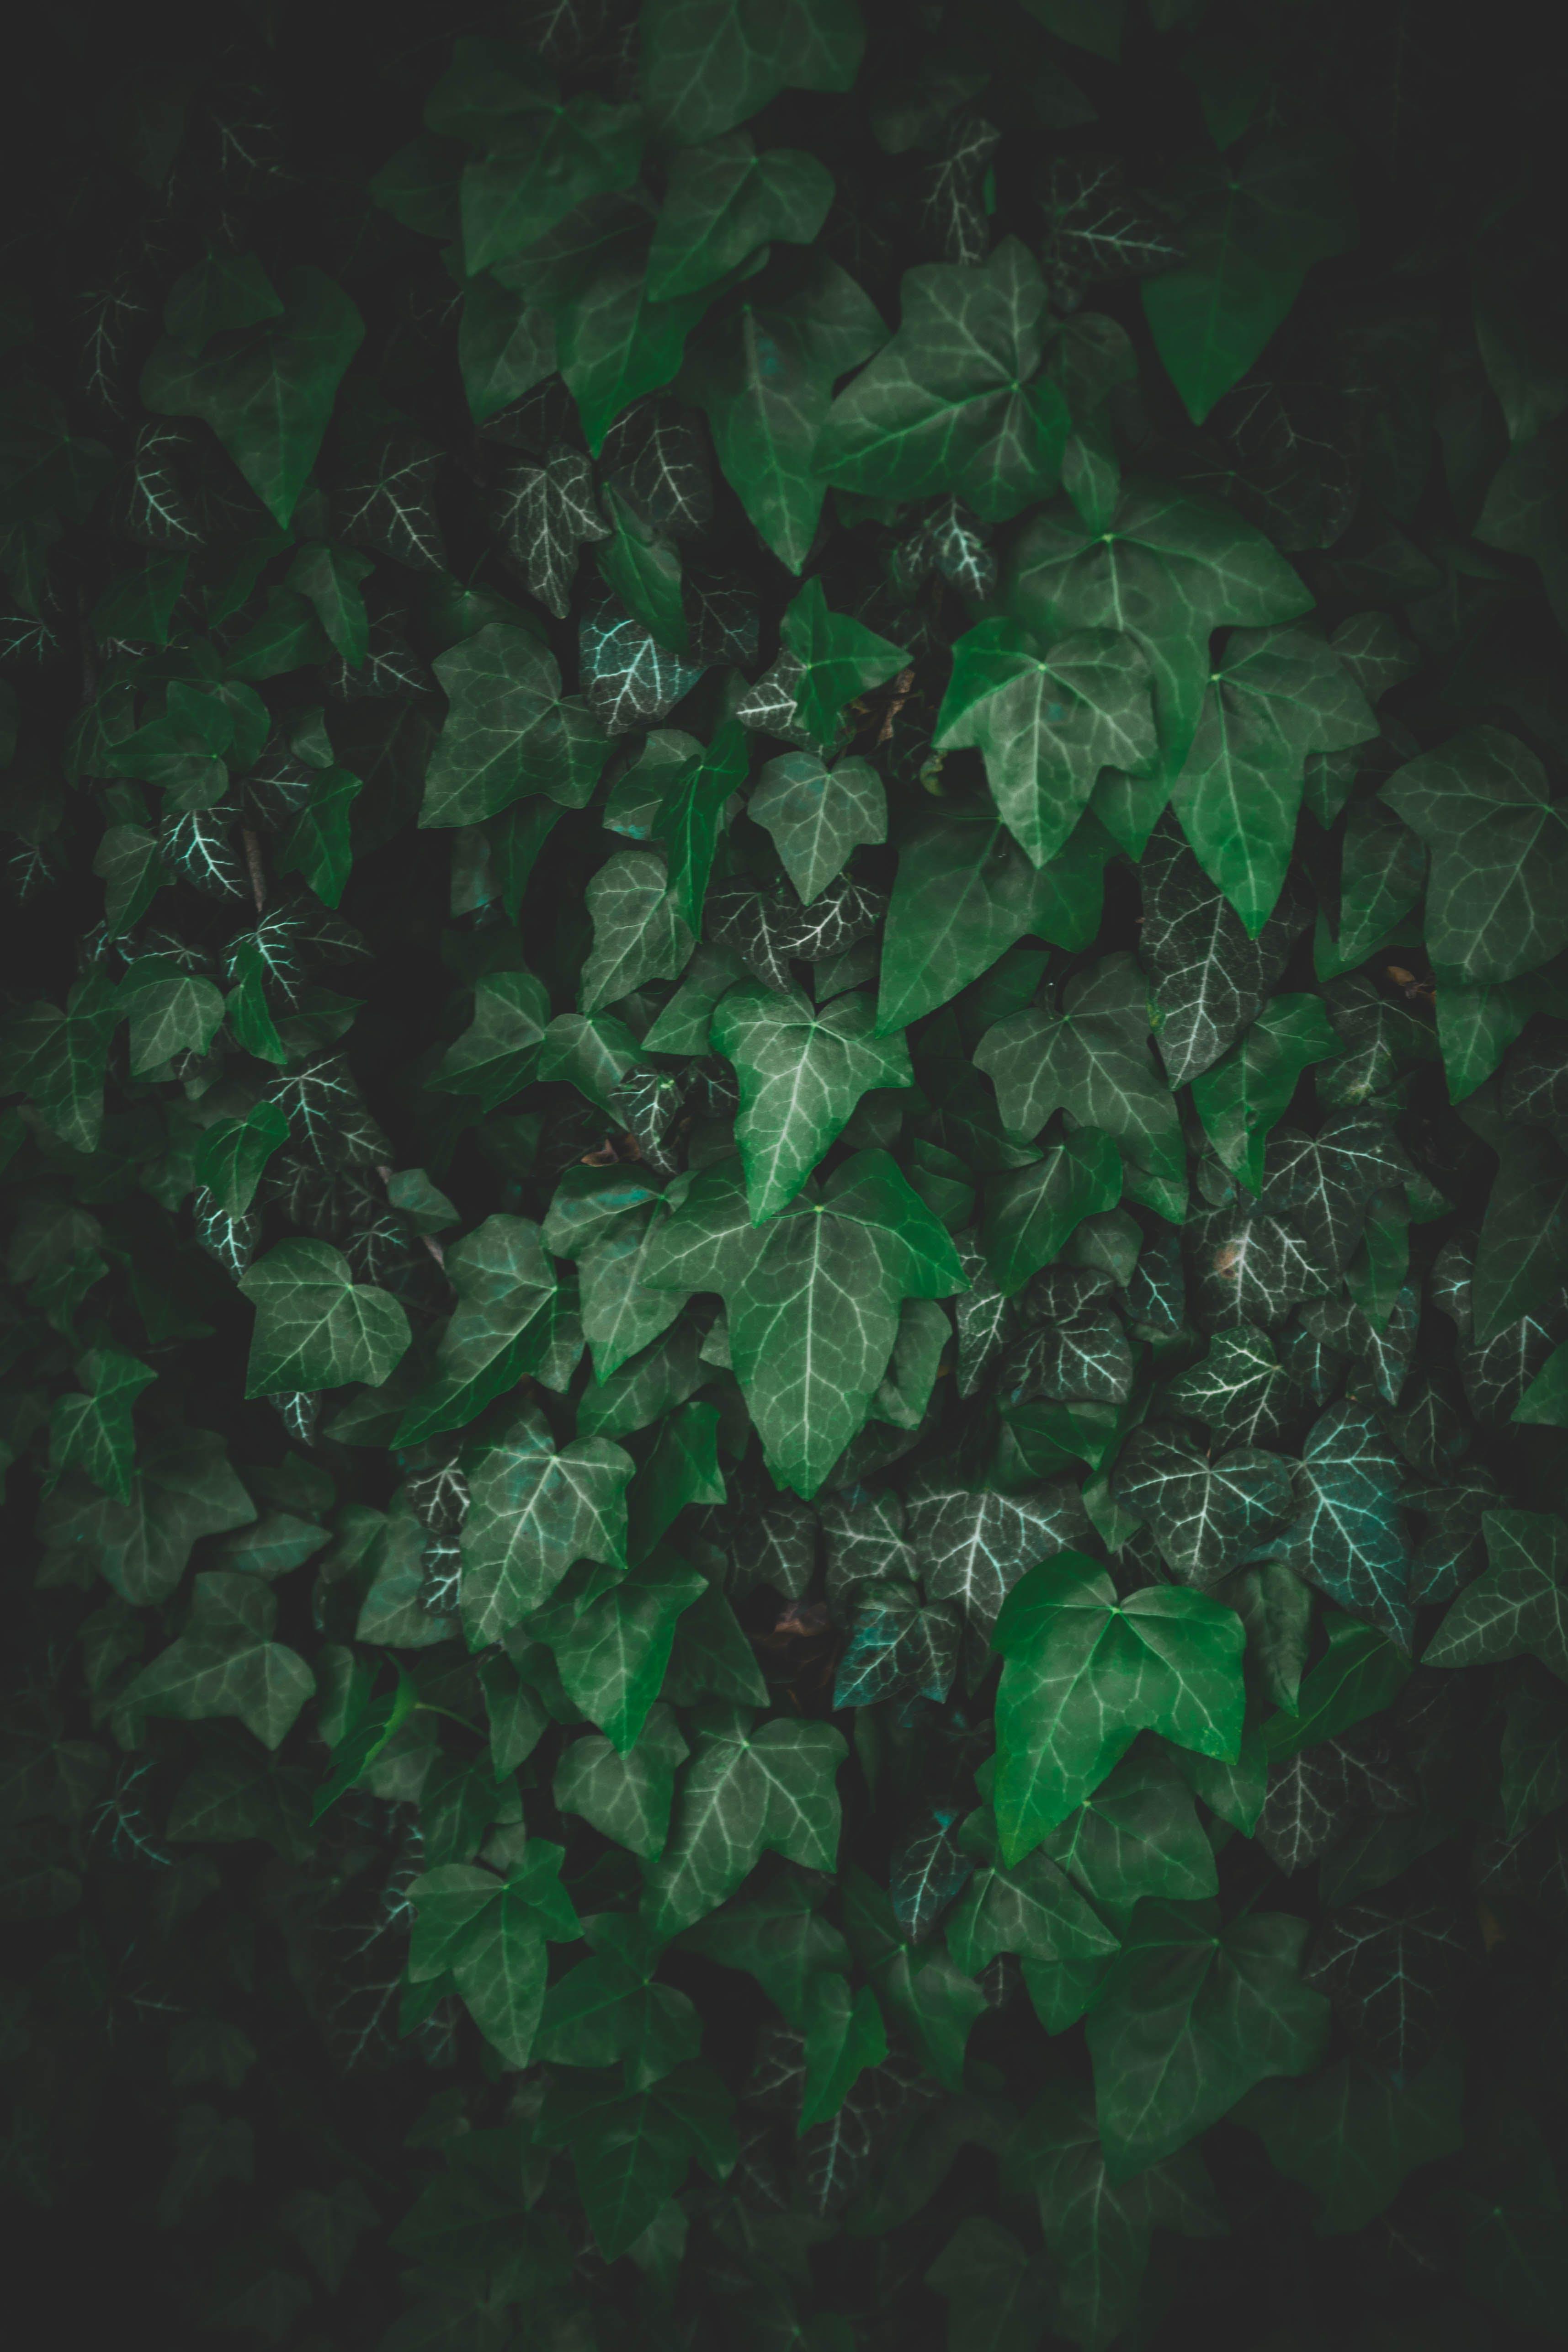 ツタ, 工場, 成長, 環境の無料の写真素材